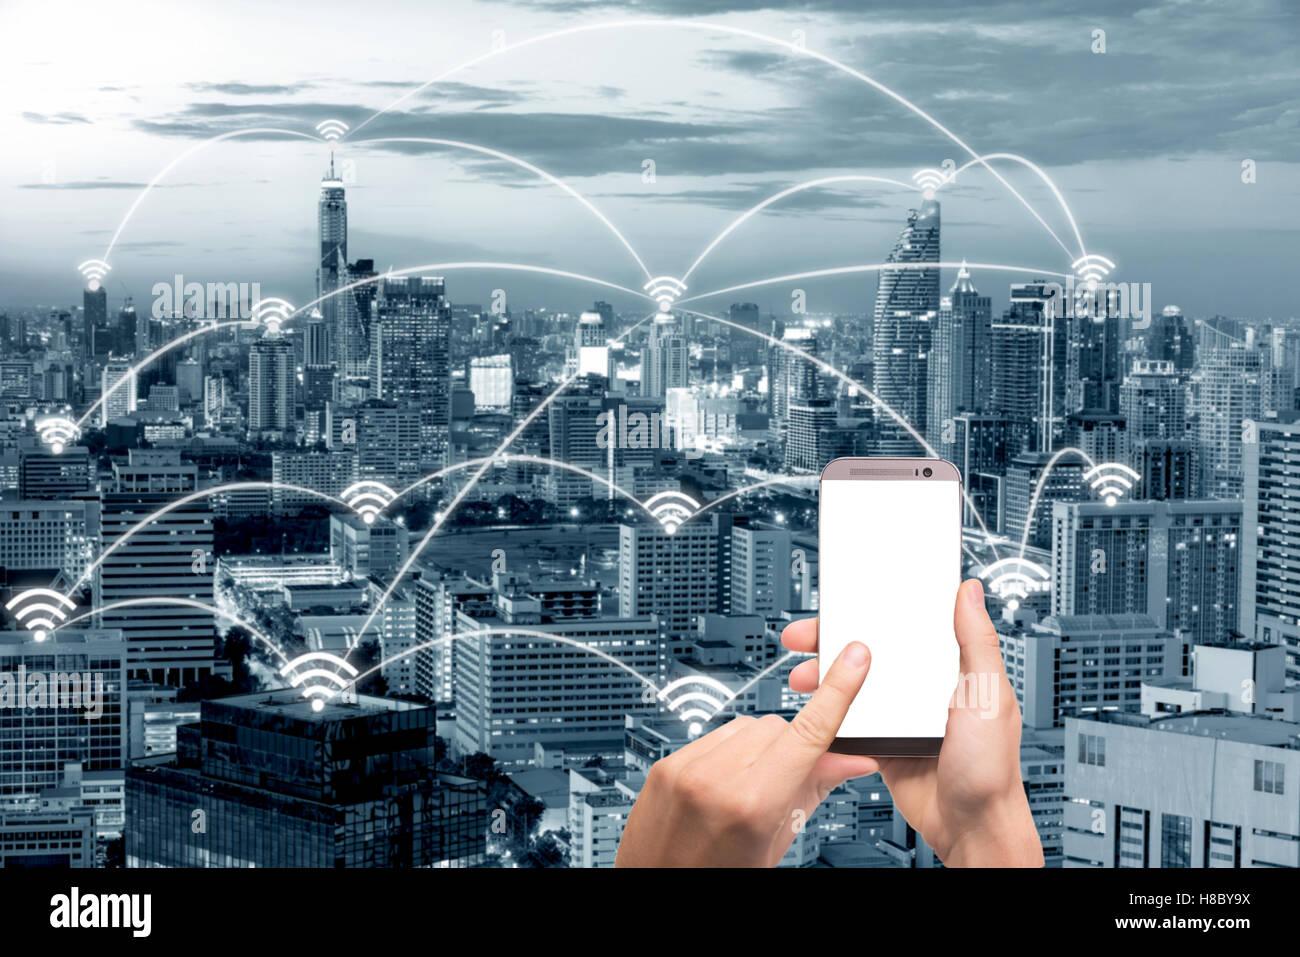 Icono de wifi y con conexión a la red de la ciudad de Bangkok, Shanghai concepto smart city y red de comunicaciones Imagen De Stock